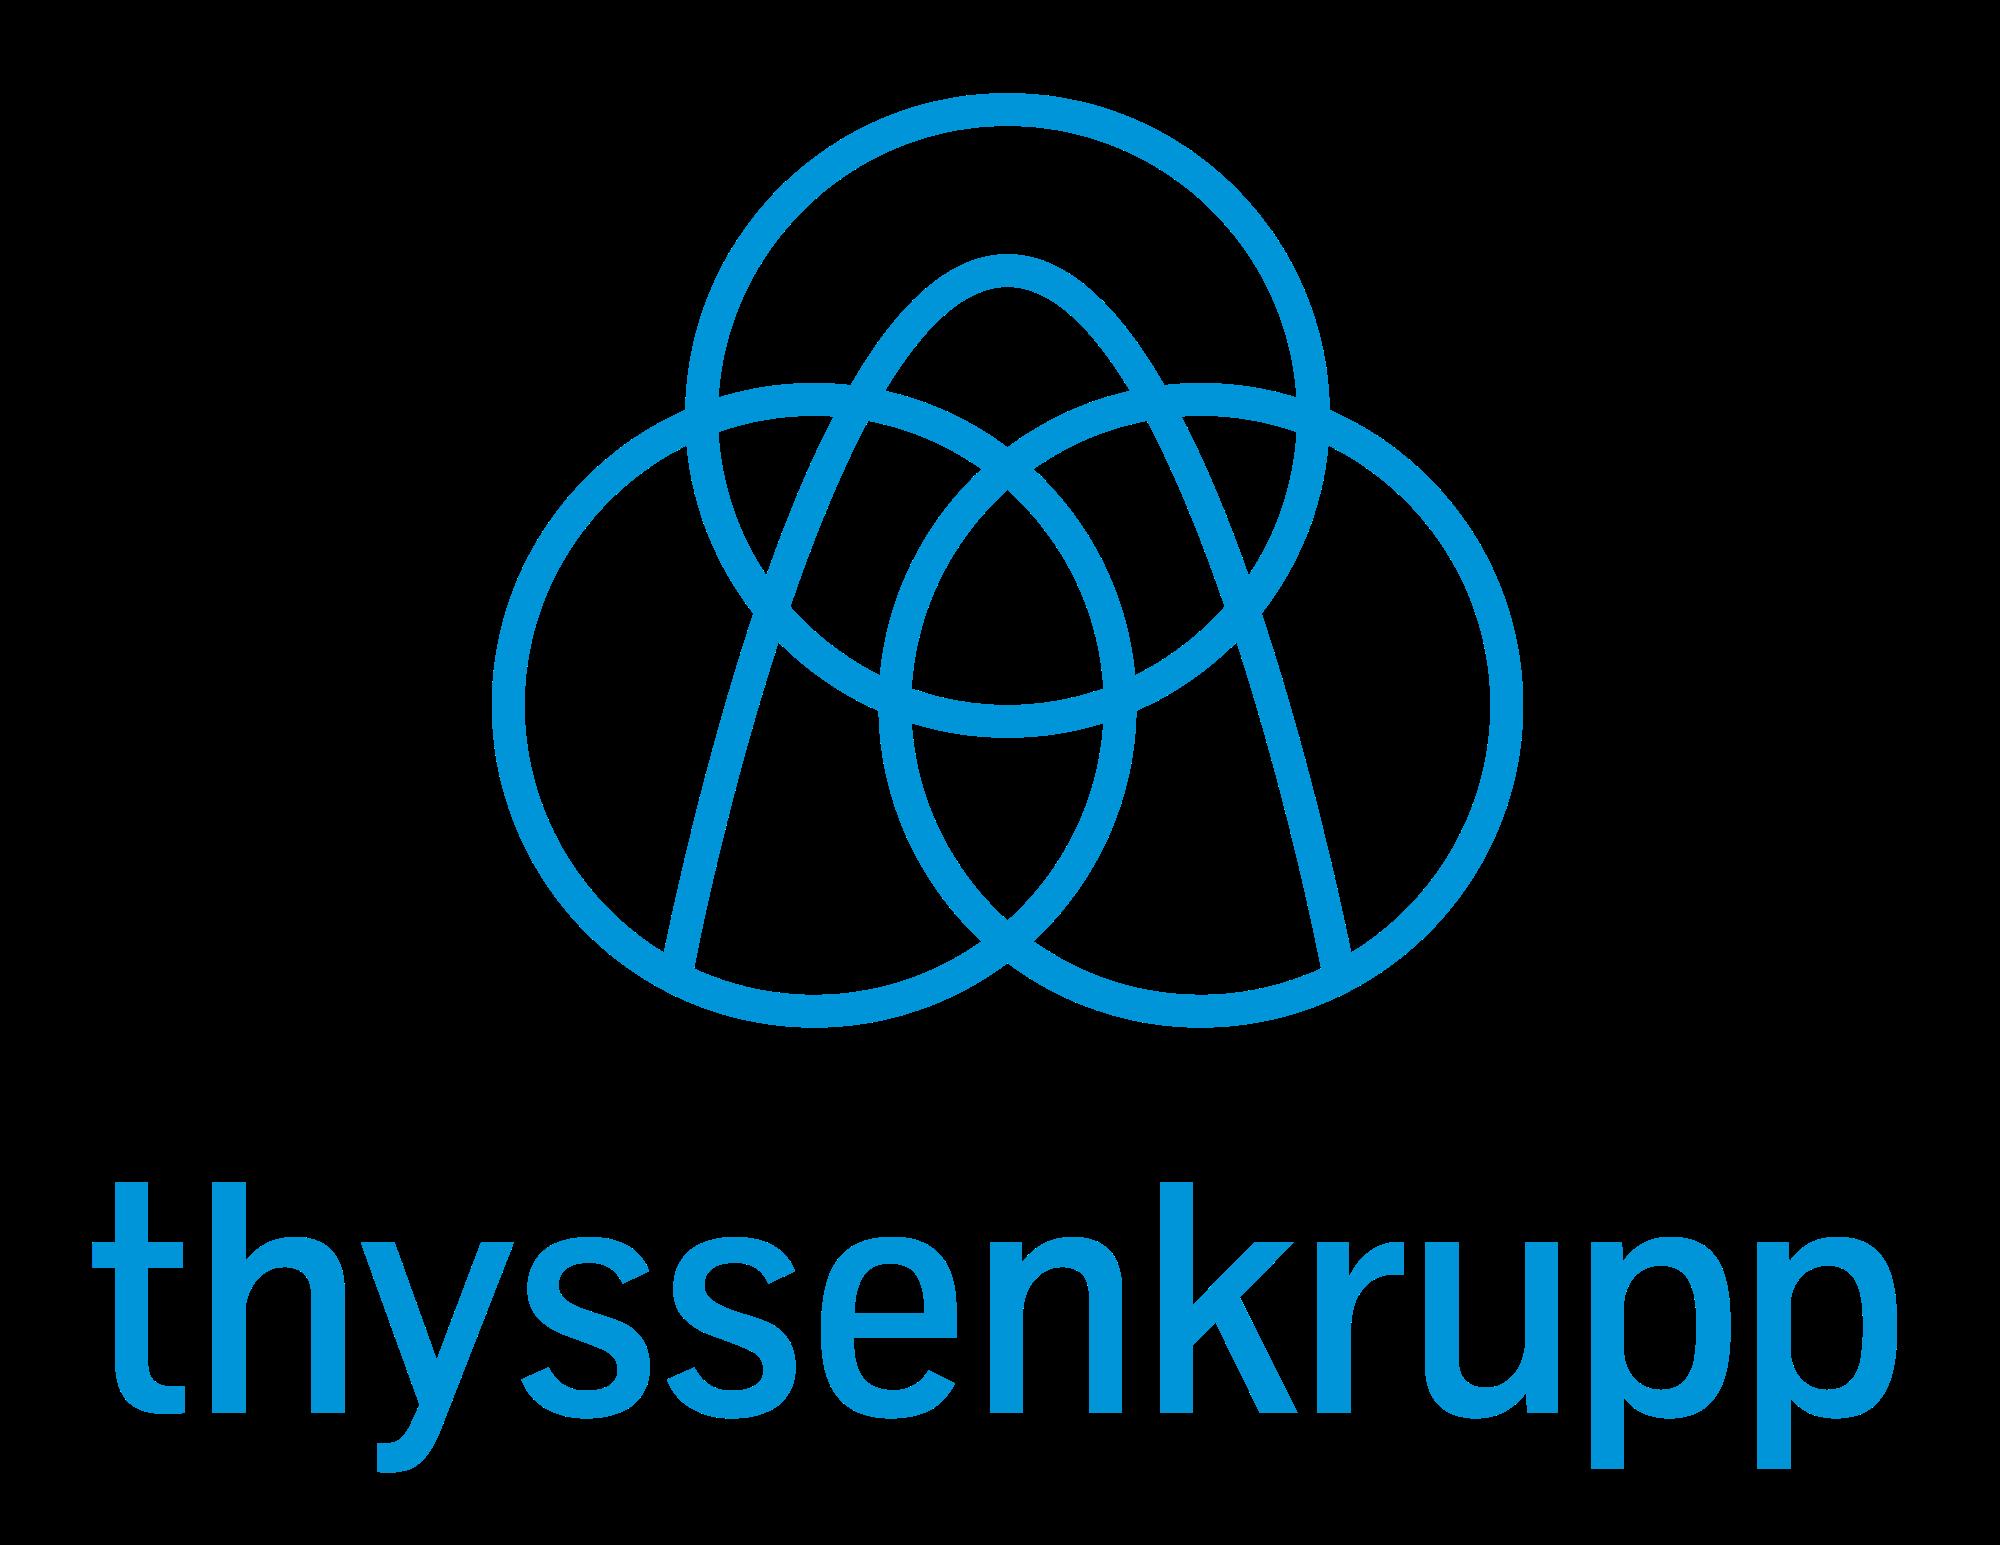 Thyssenkrupp_AG_Logo_2015.svg